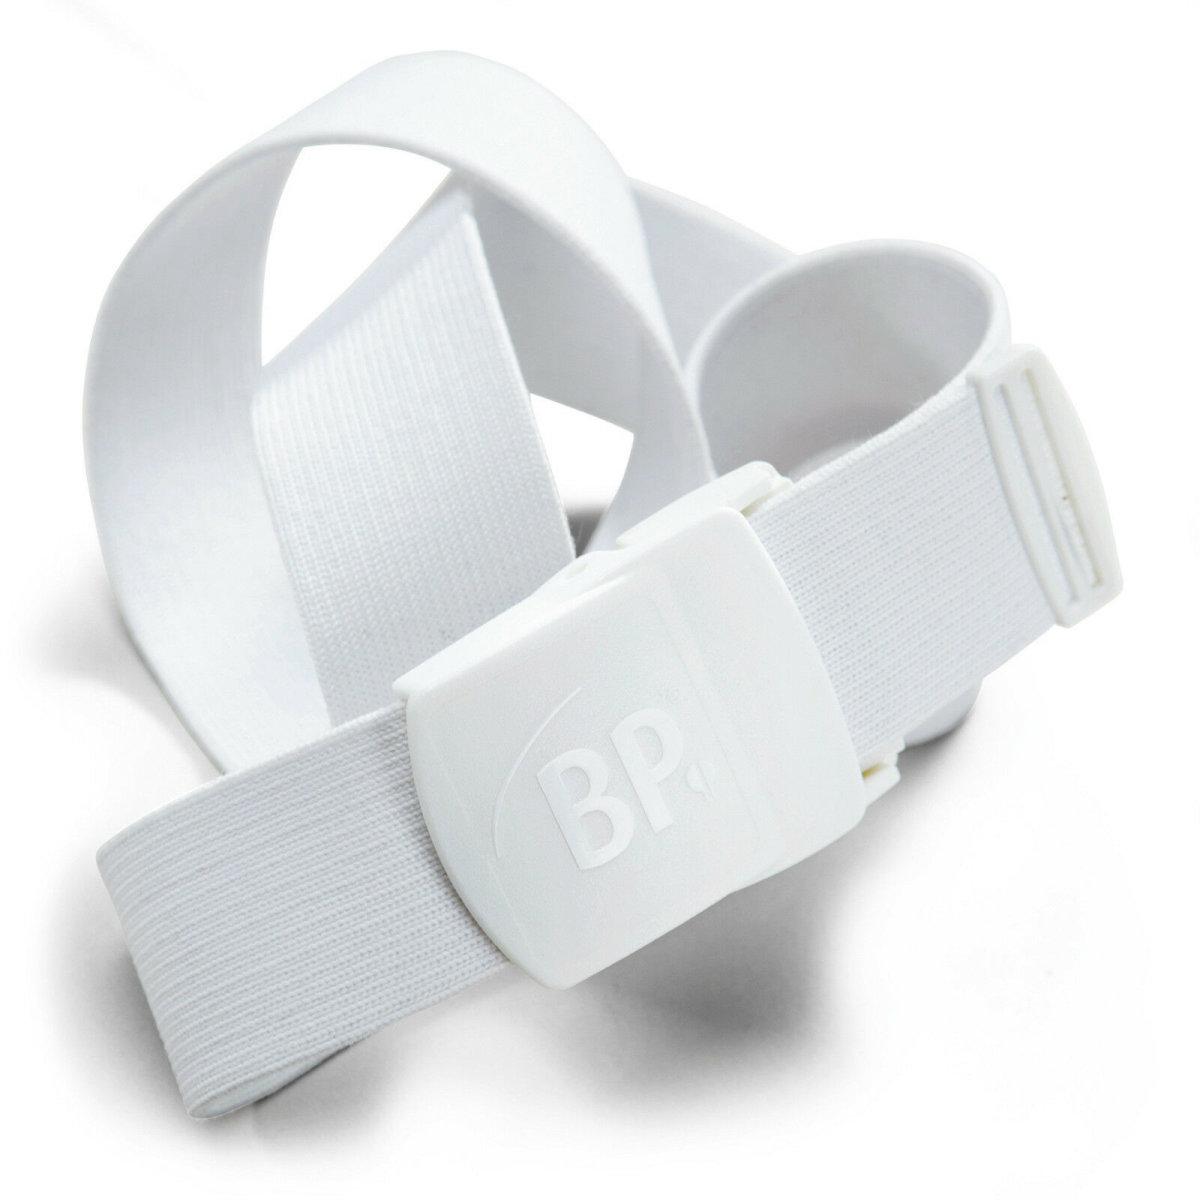 BP Gürtel 1080 weiß unisex Hosengürtel Kunststoffschnalle verstellbar one size